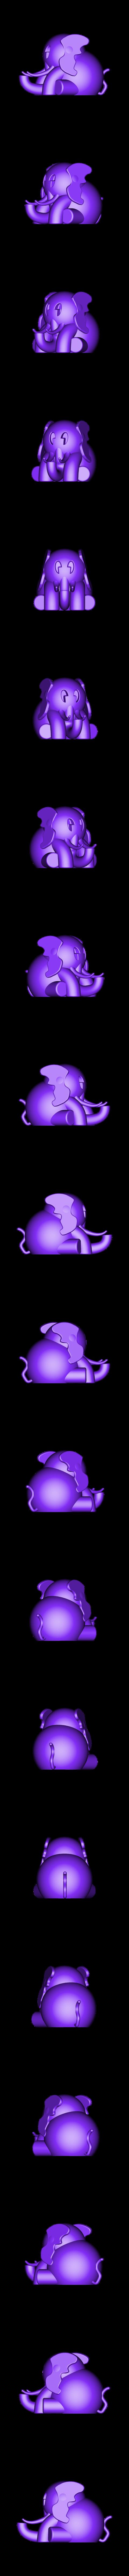 elephant_solid.obj Download free OBJ file Elephant #MakerEdChallenge • 3D printable design, Pwenyrr